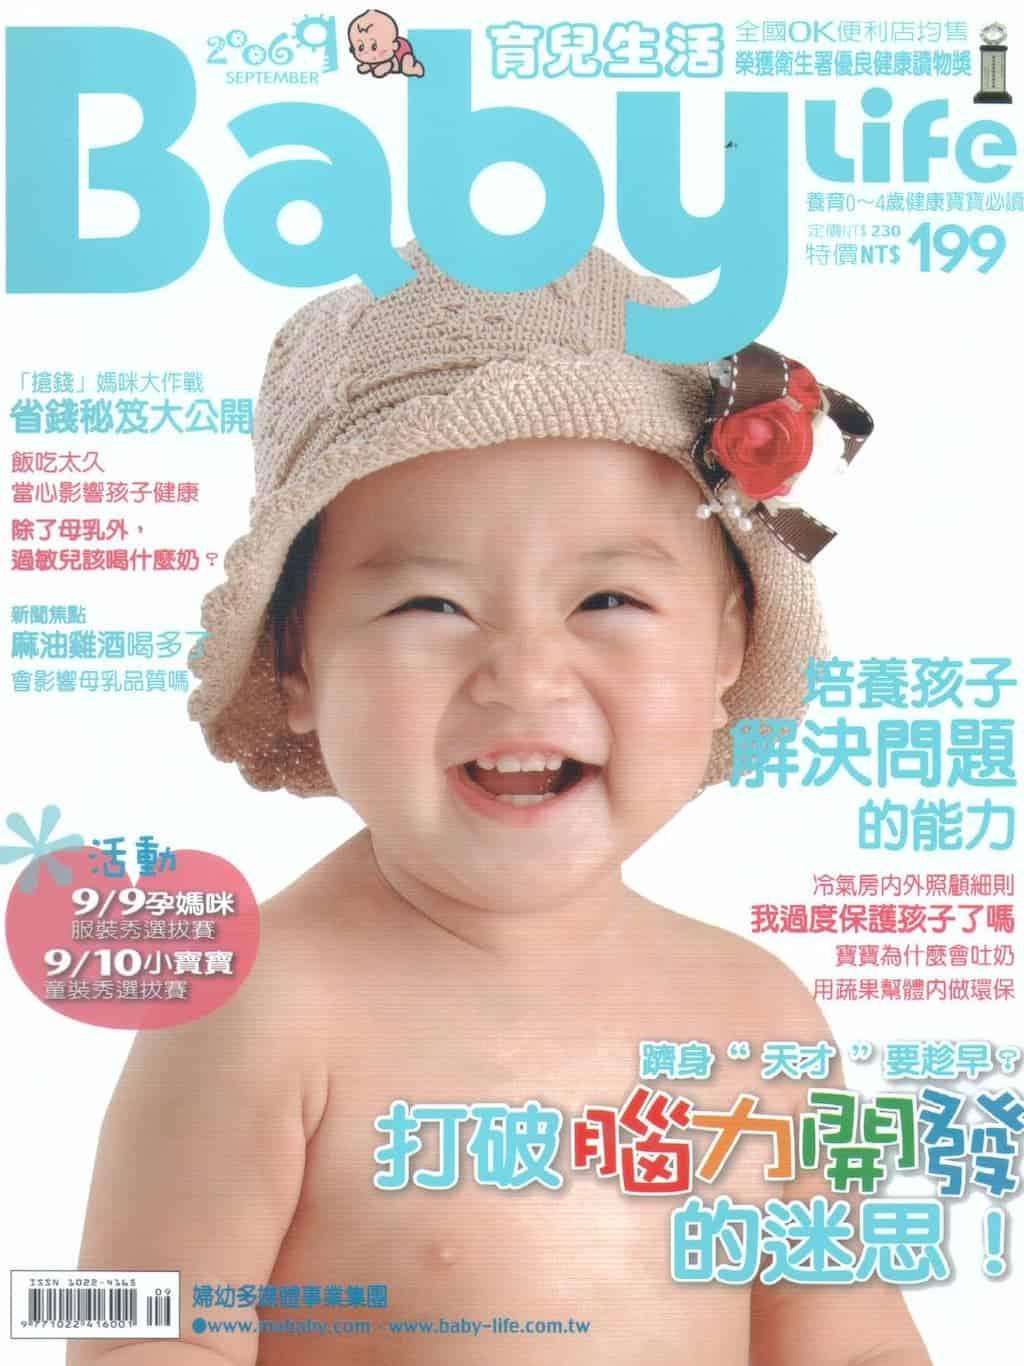 牙齒美白重展迷人笑容Baby-life雜誌-柏登牙醫牙齒美白秘笈-1